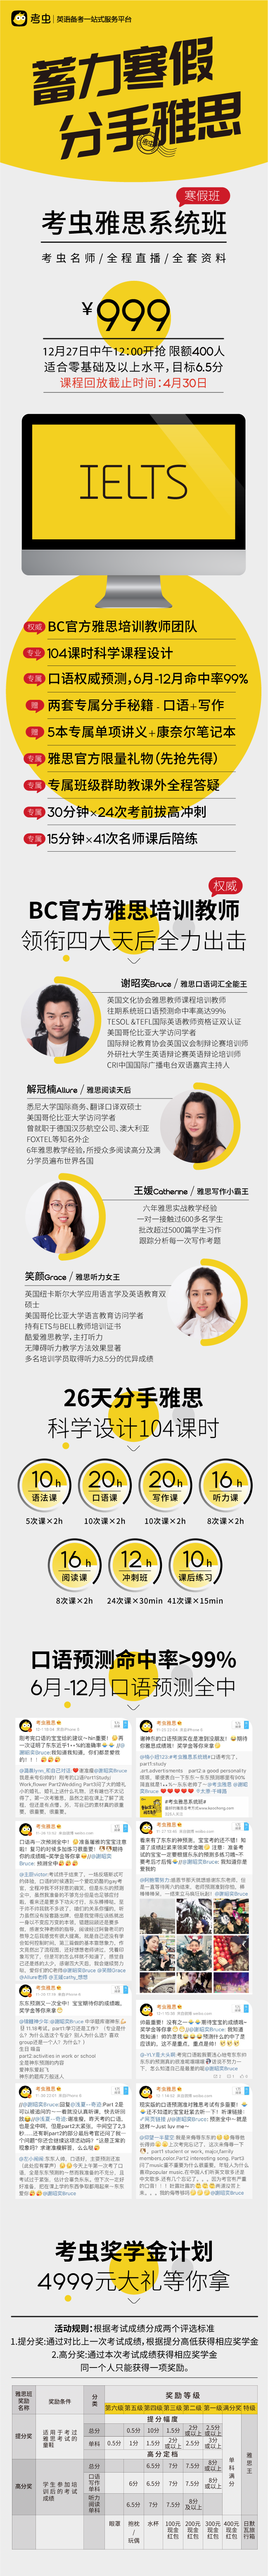 考虫雅思系统班寒假班详情页-01.png